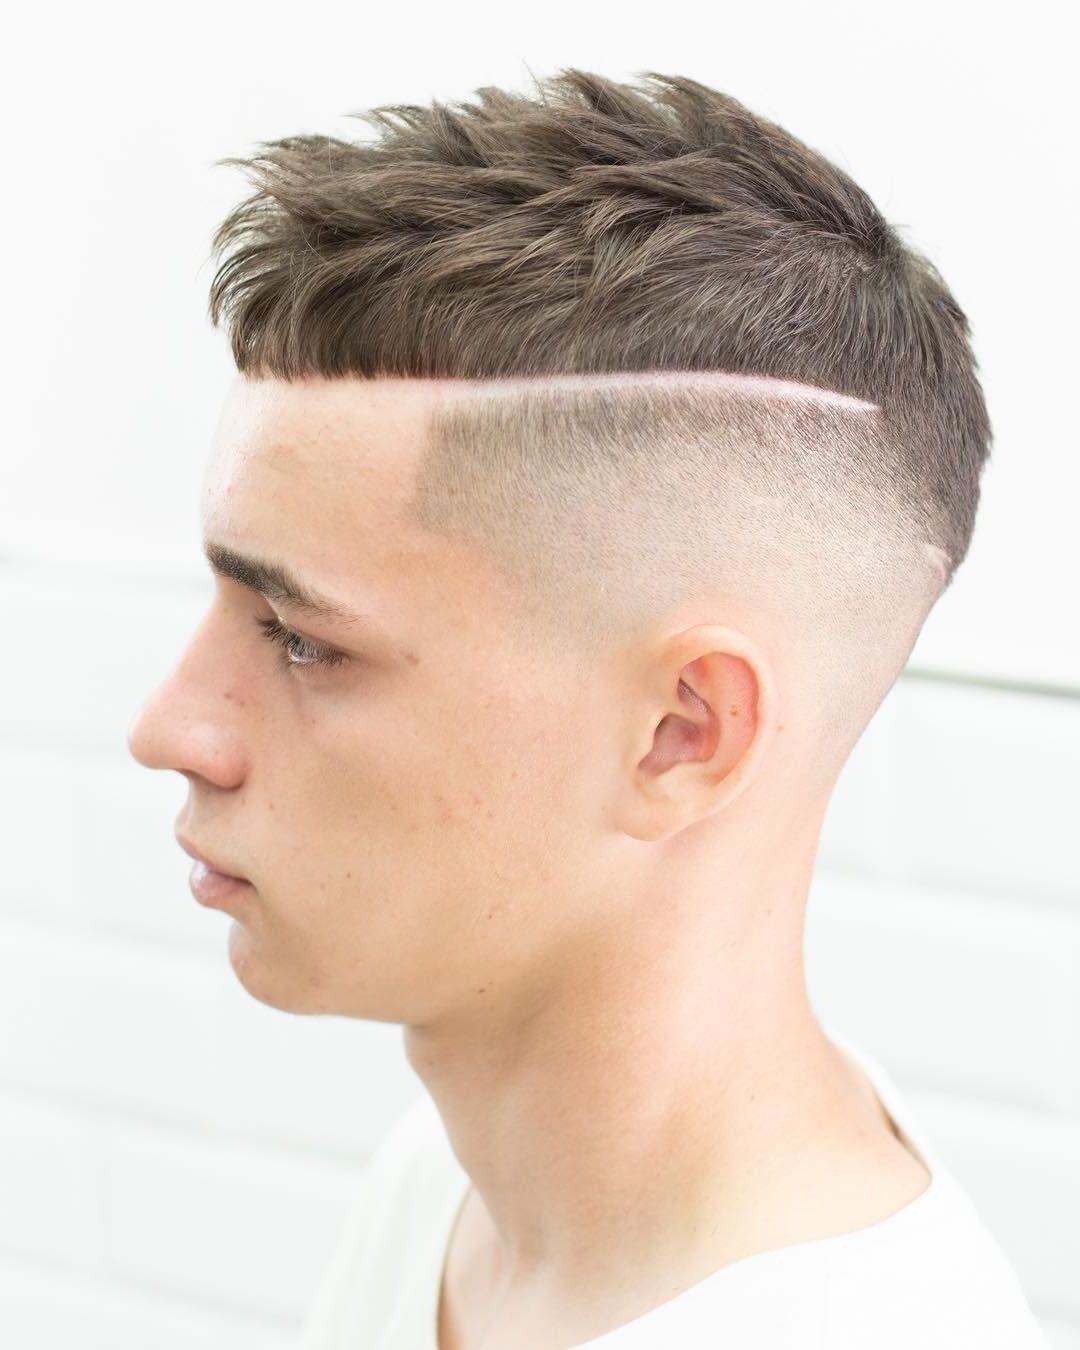 Herren Frisuren 2019 - welche Männerfrisuren sind dieses Jahr angesagt